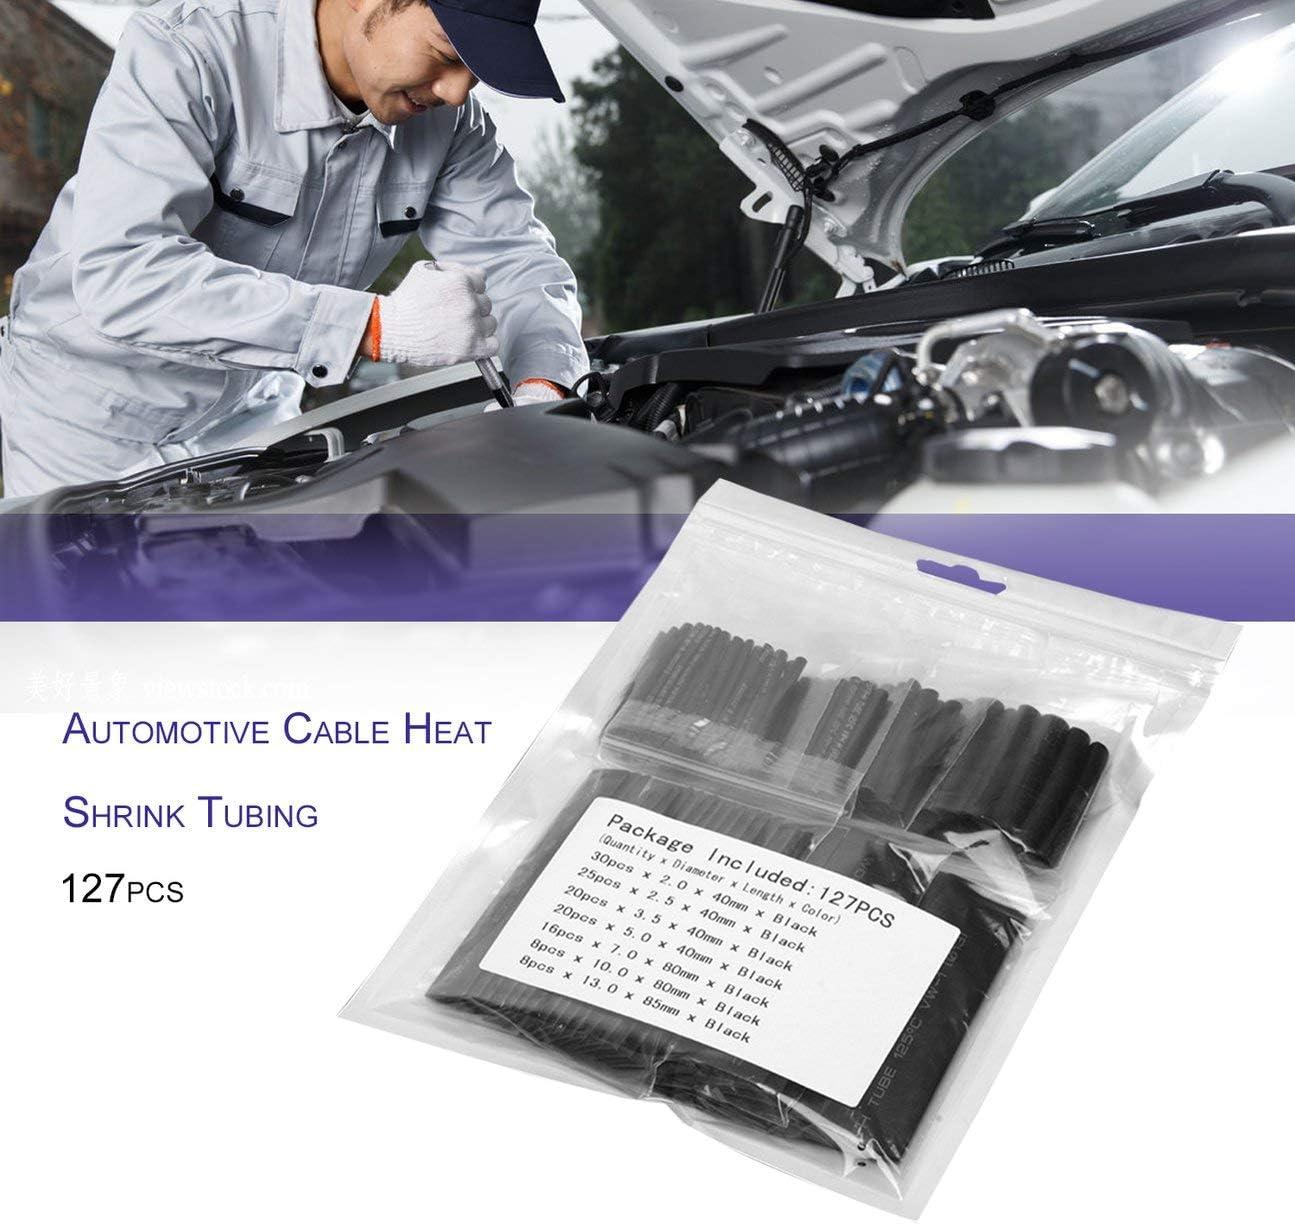 gaine denveloppe de tube ignifuge kit assorti protection de lenvironnement 127pcs gaine thermor/étractable de c/âble /électrique pour voiture